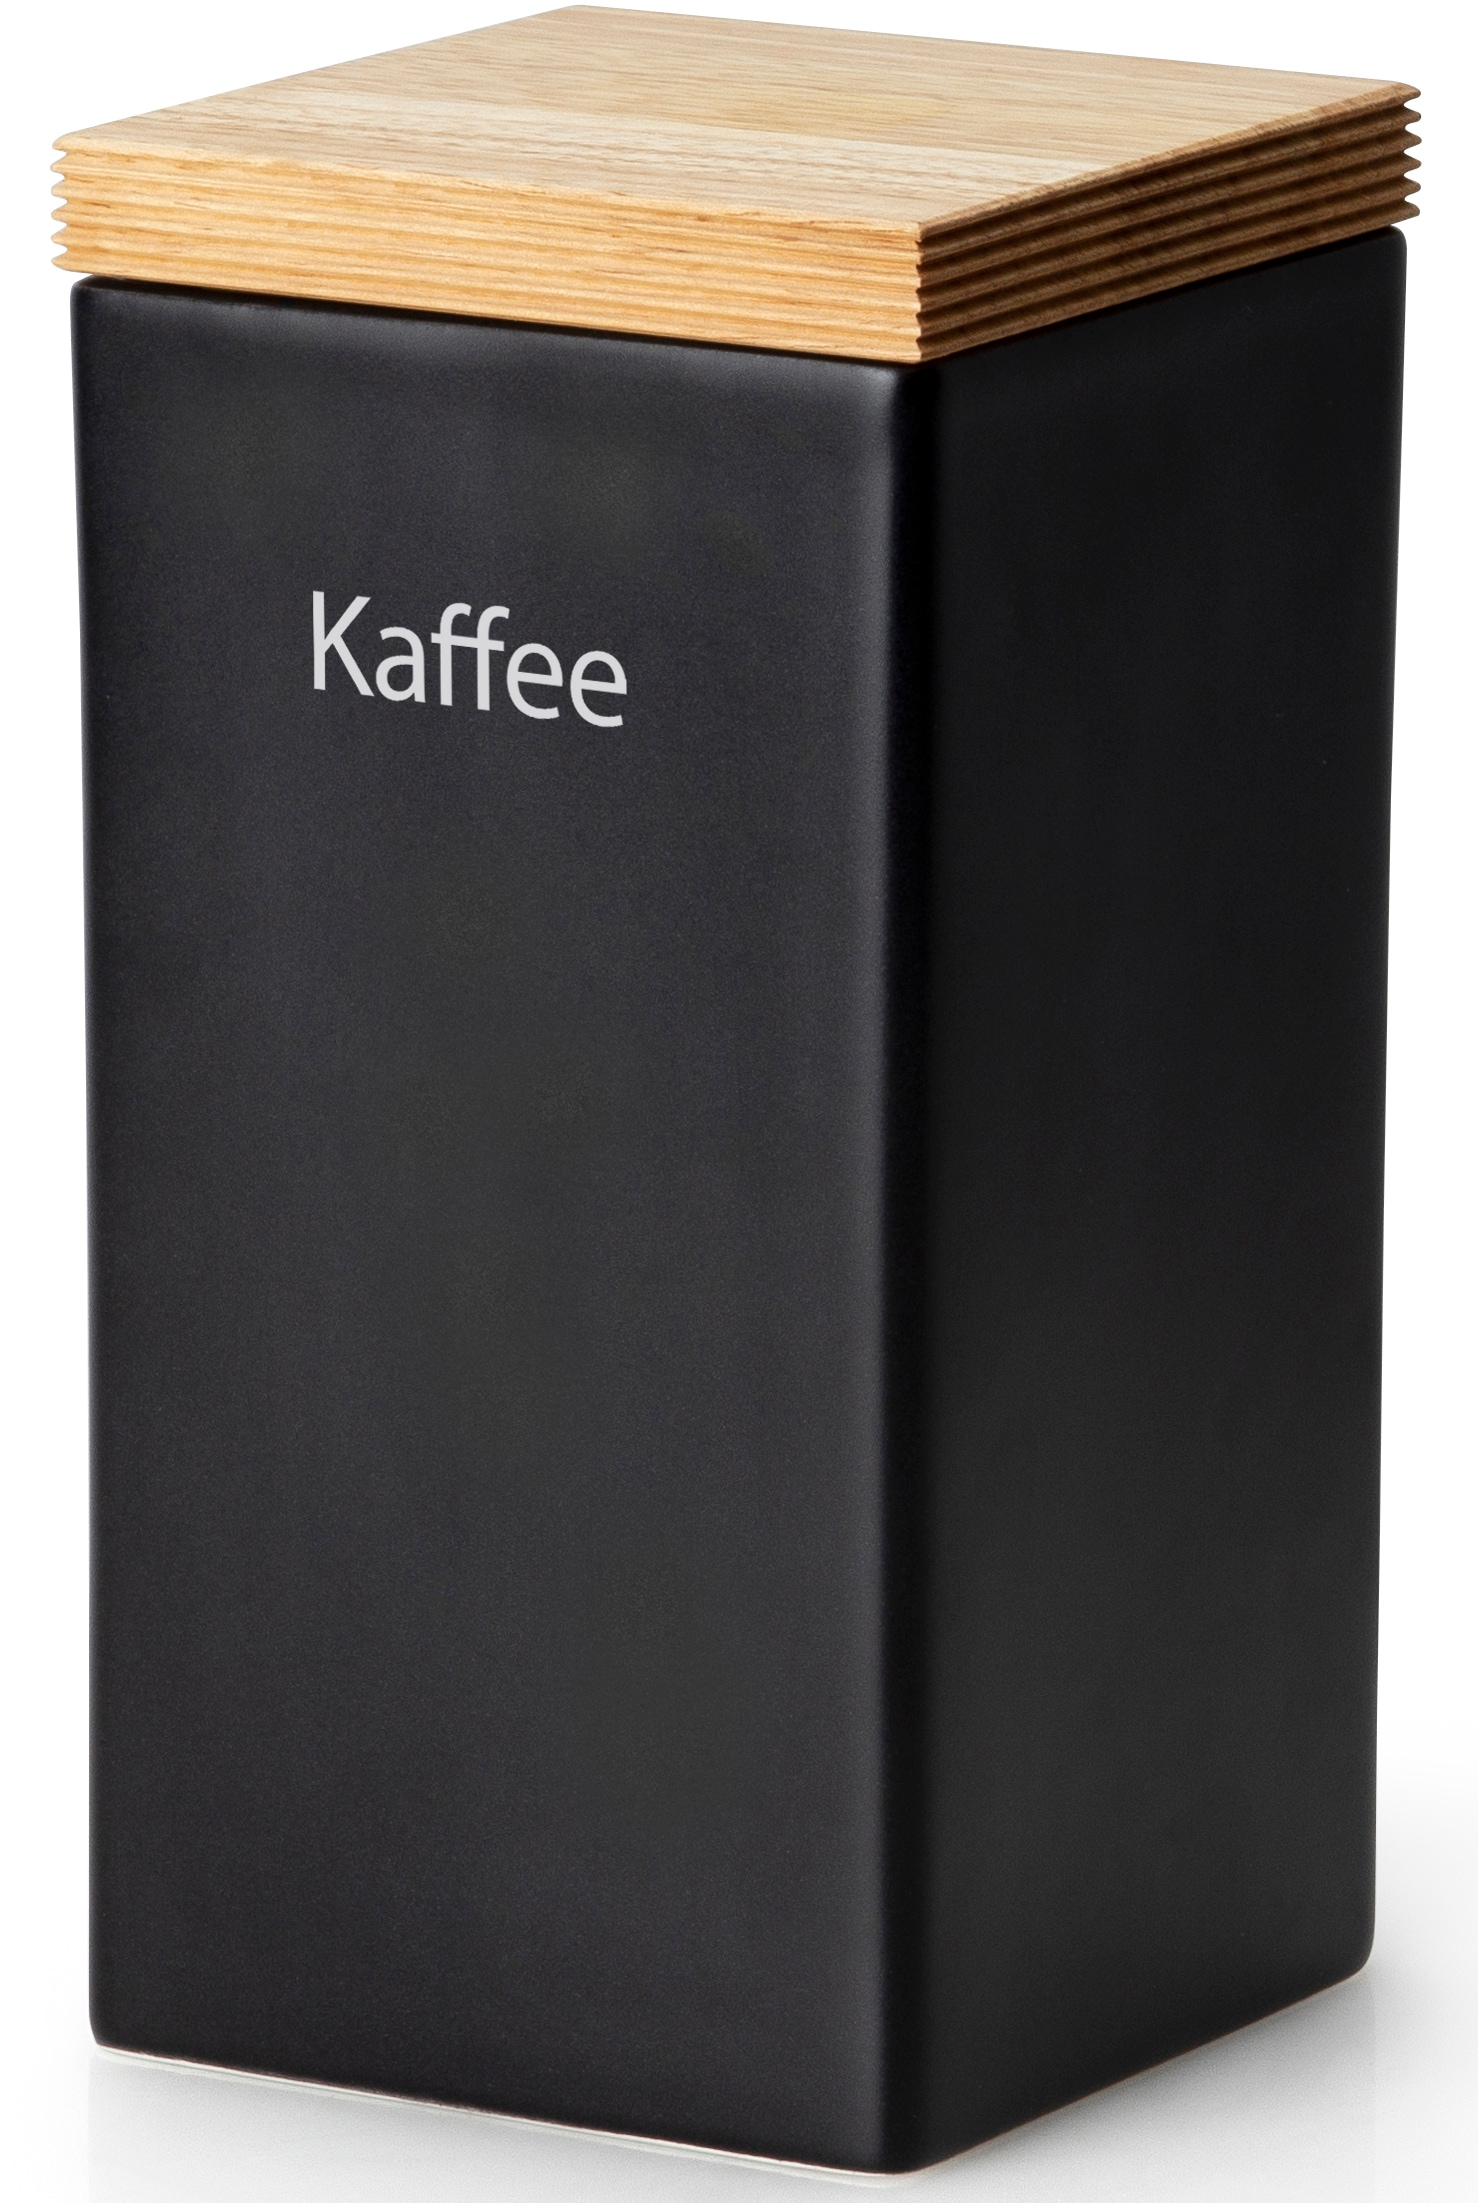 Continenta Kaffeedose, (1 tlg.), Kaffeedose schwarz Zubehör für Kaffeemaschinen Kaffee Espresso Haushaltsgeräte